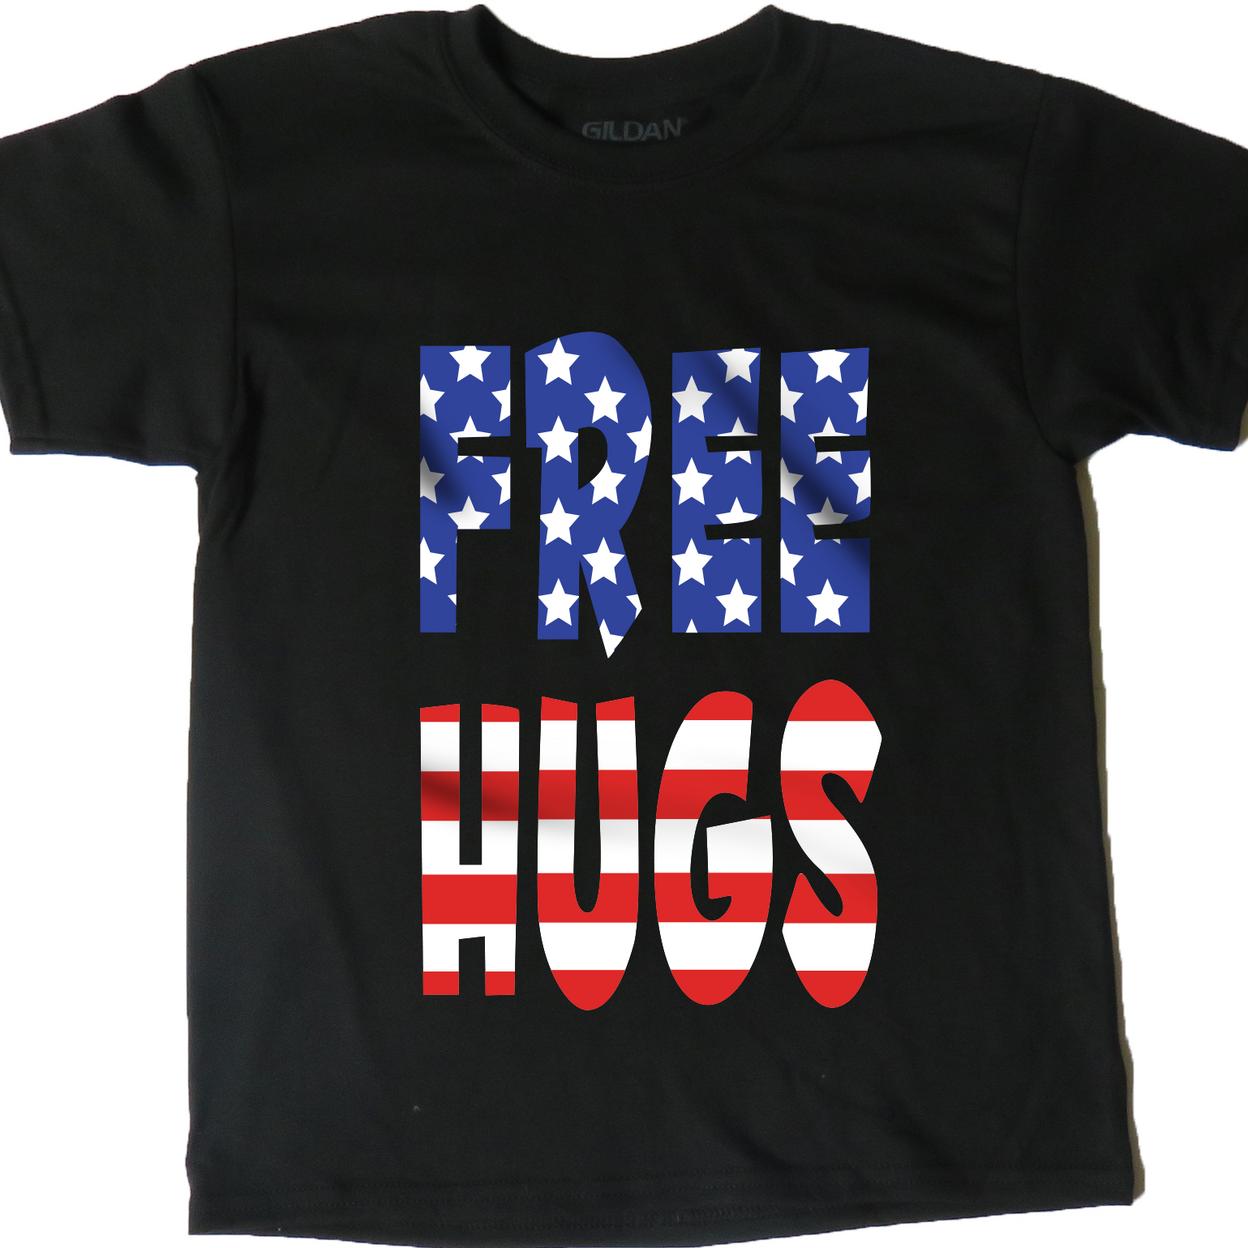 AFONiE USA Flag Free Hugs Kids T-Shirt - X-Small, Black 5955277f5ec74851eb4b85ee